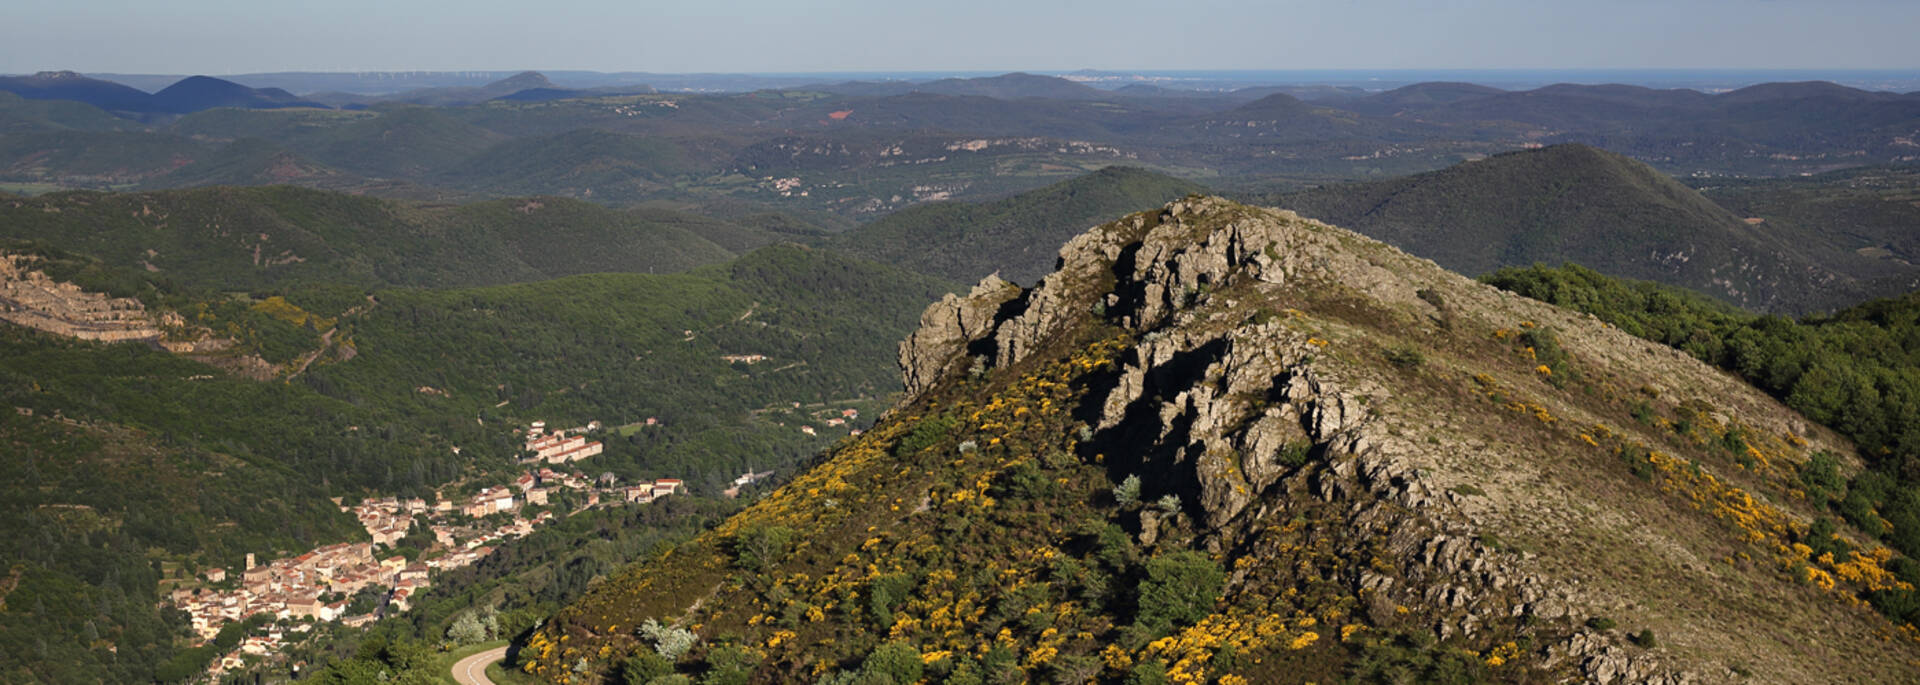 View of Graissessac depuis from Mont Cabanes ©G.Souche